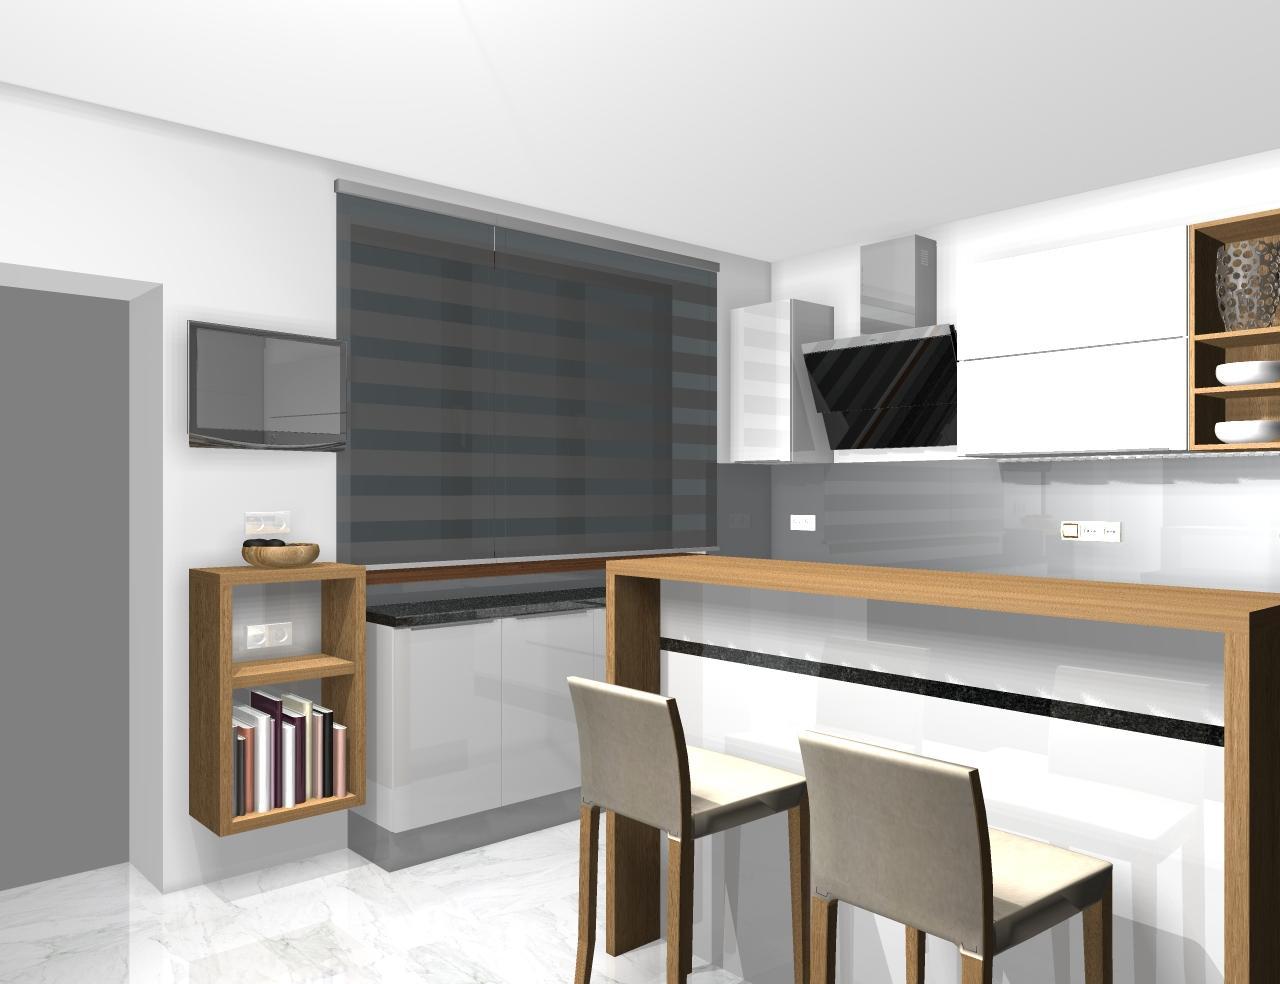 Grafické návrhy kuchynských liniek 2020 - Grafický návrh kuchynskej linky do rodinného domu - obr.3